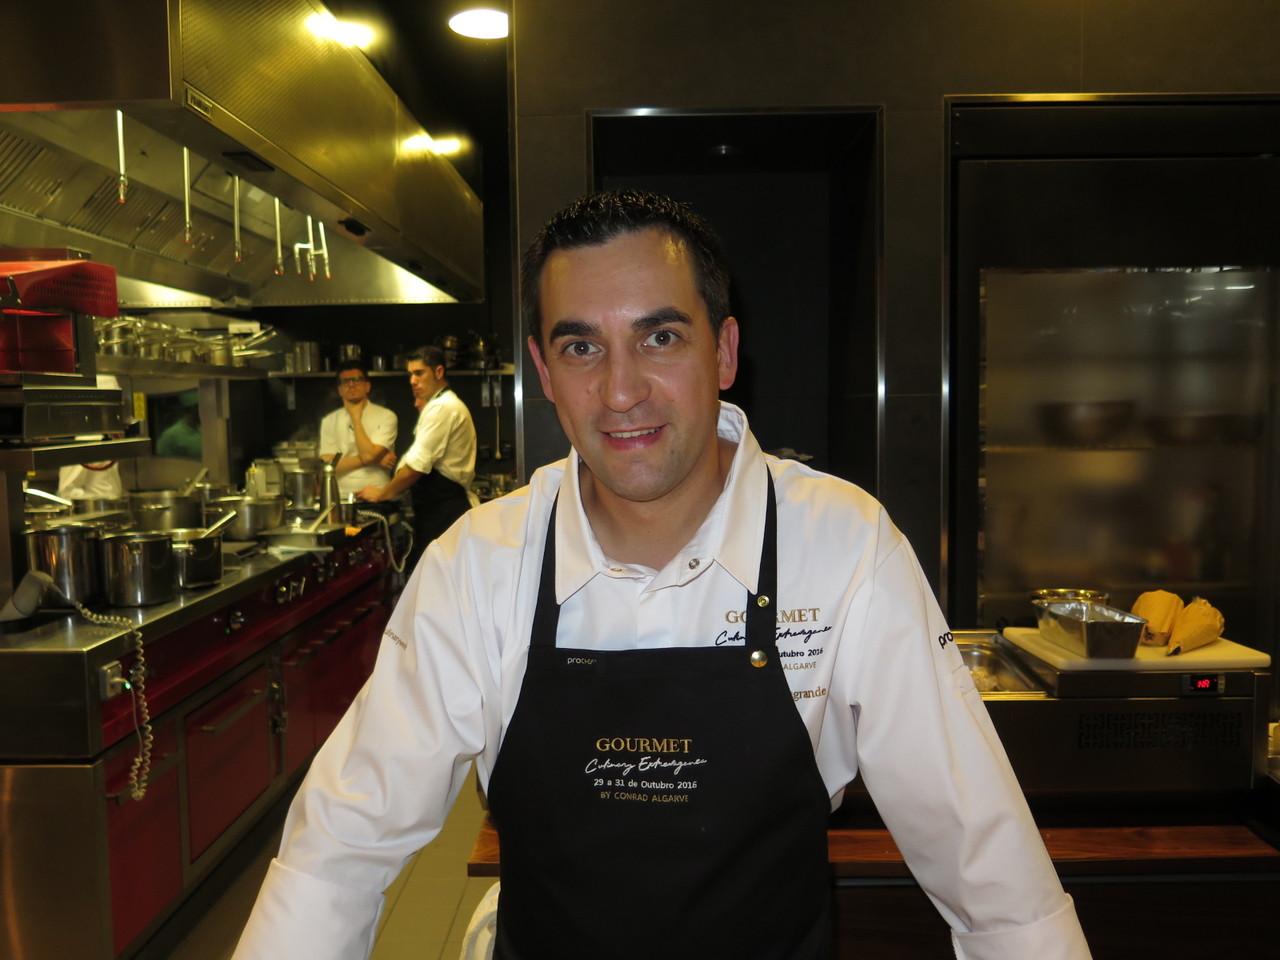 Paolo Casagrande